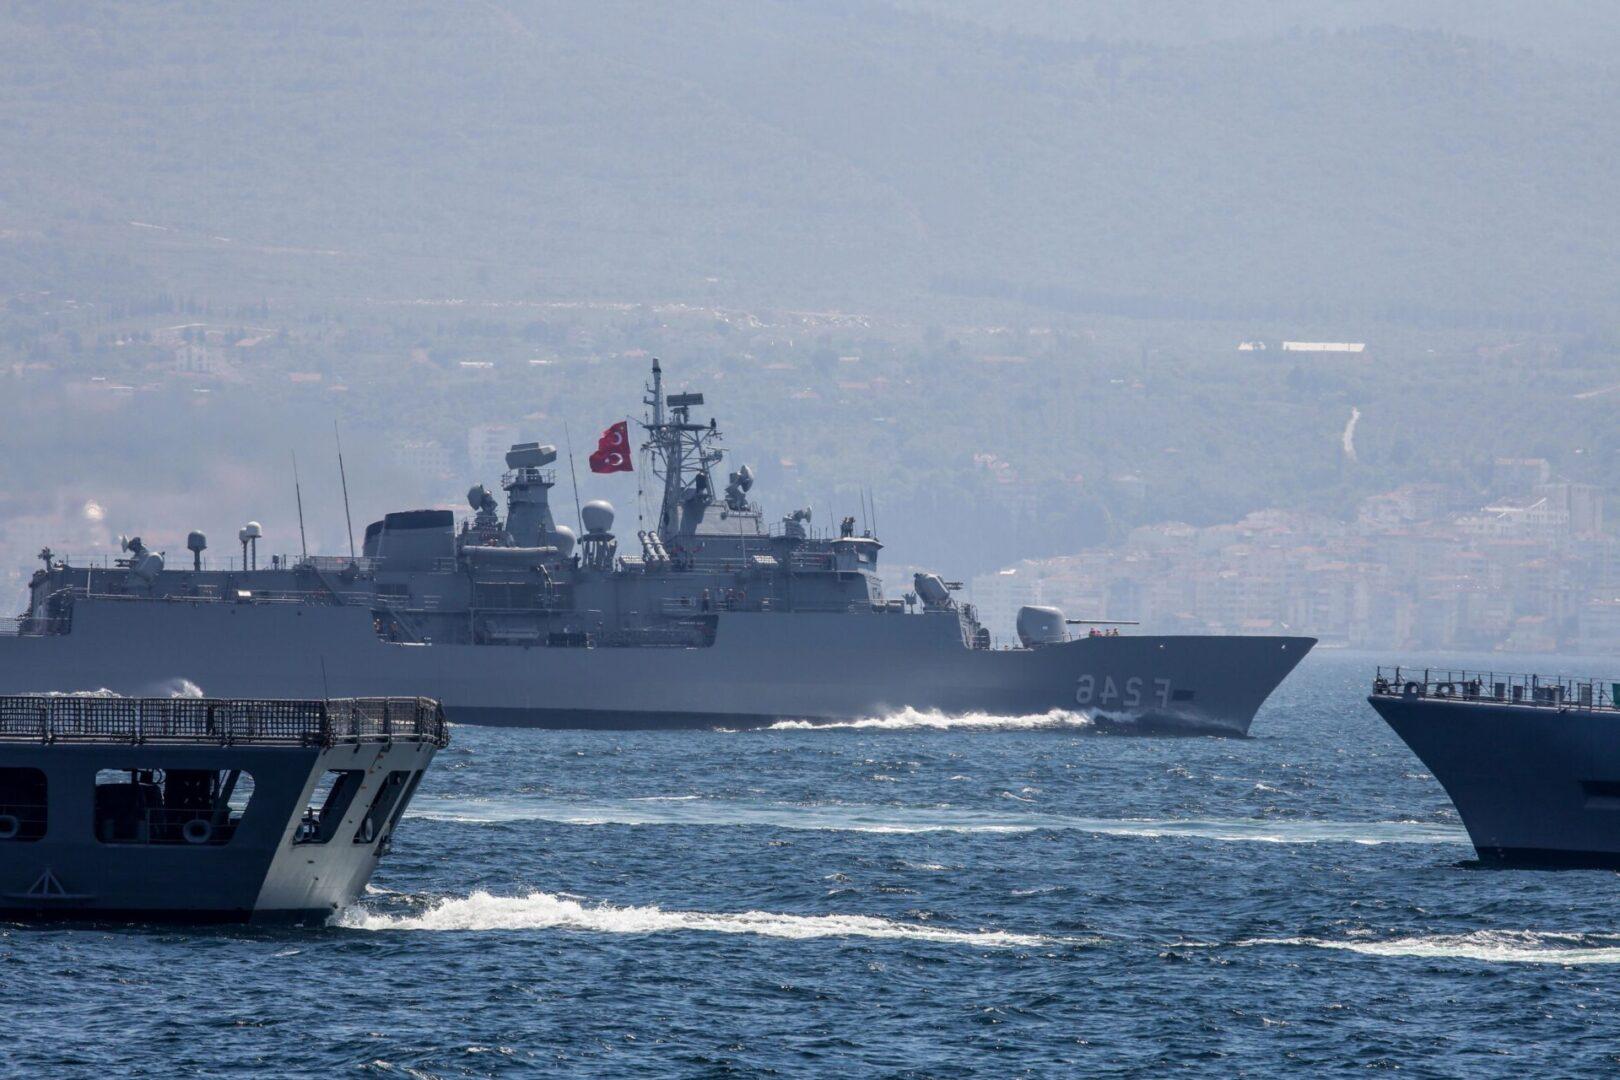 """ΣΟΒΑΡΗ ΥΠΟΘΕΣΗ ΚΑΤΑΣΚΟΠΕΙΑΣ ΣΤΗΝ ΤΟΥΡΚΙΑ: """"Διέρρευσαν πληροφορίες του Τουρκικού Ναυτικού"""""""